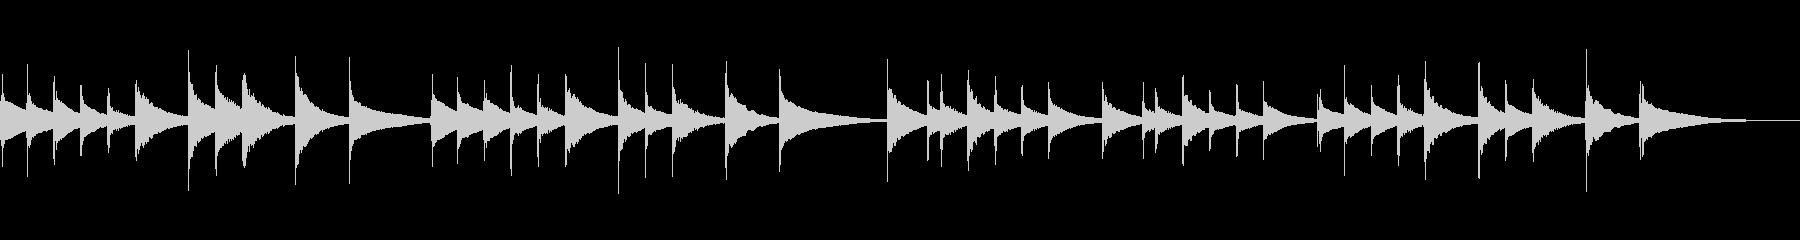 ドイツ民謡「池の雨」 オルゴールの未再生の波形